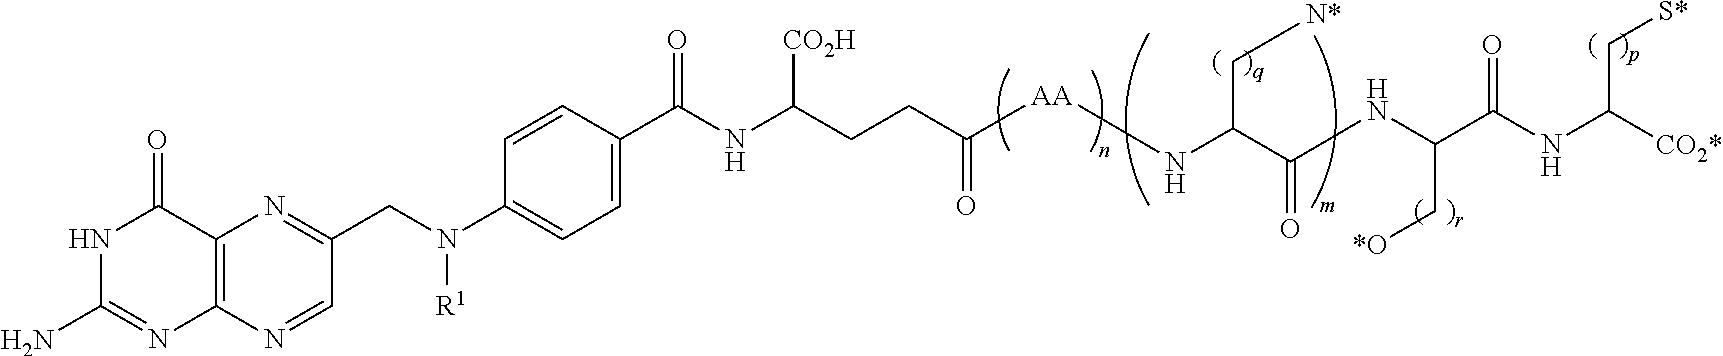 Figure US09662402-20170530-C00035